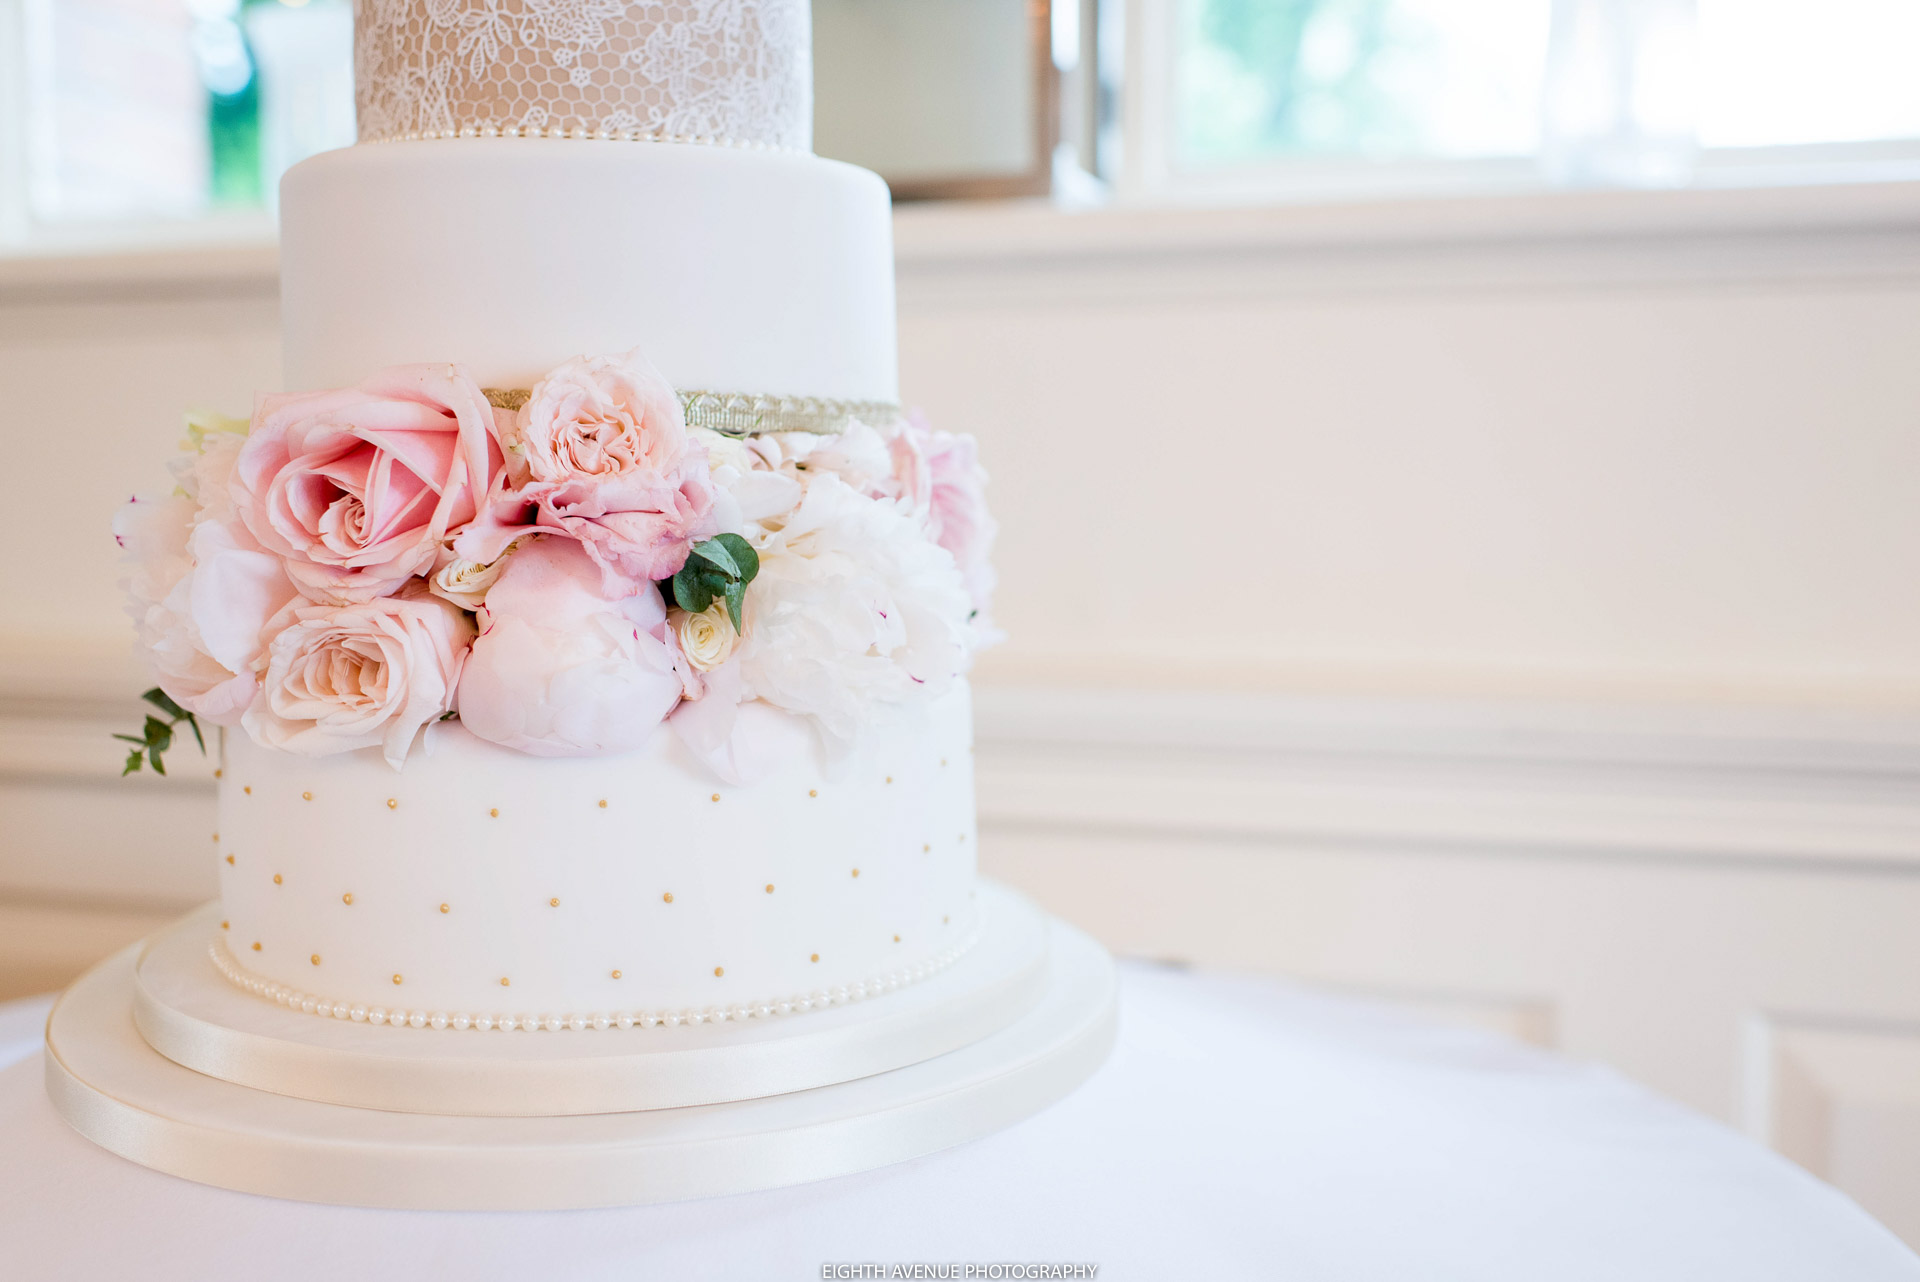 Weddign cake